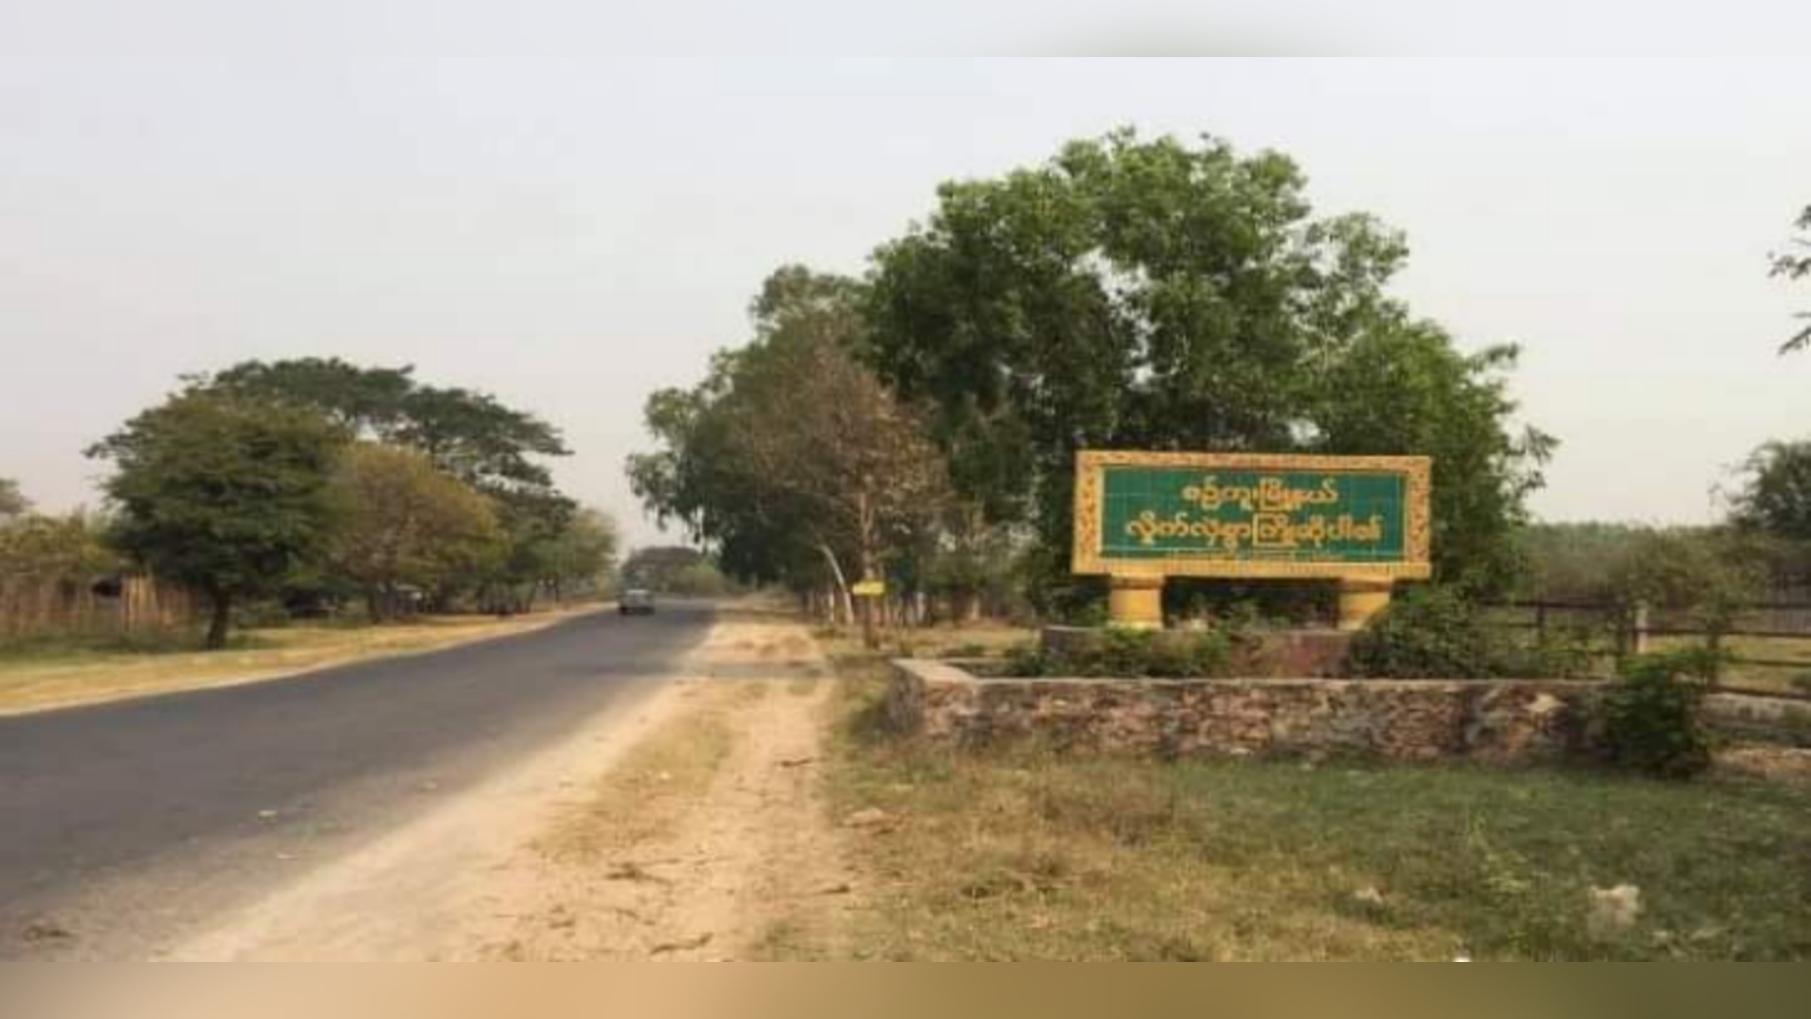 စဉ့်ကူးမြို့နယ်က ဒလန်အုပ်ကြီး သေနတ်နဲ့အပစ်ခံရပြီး သေ